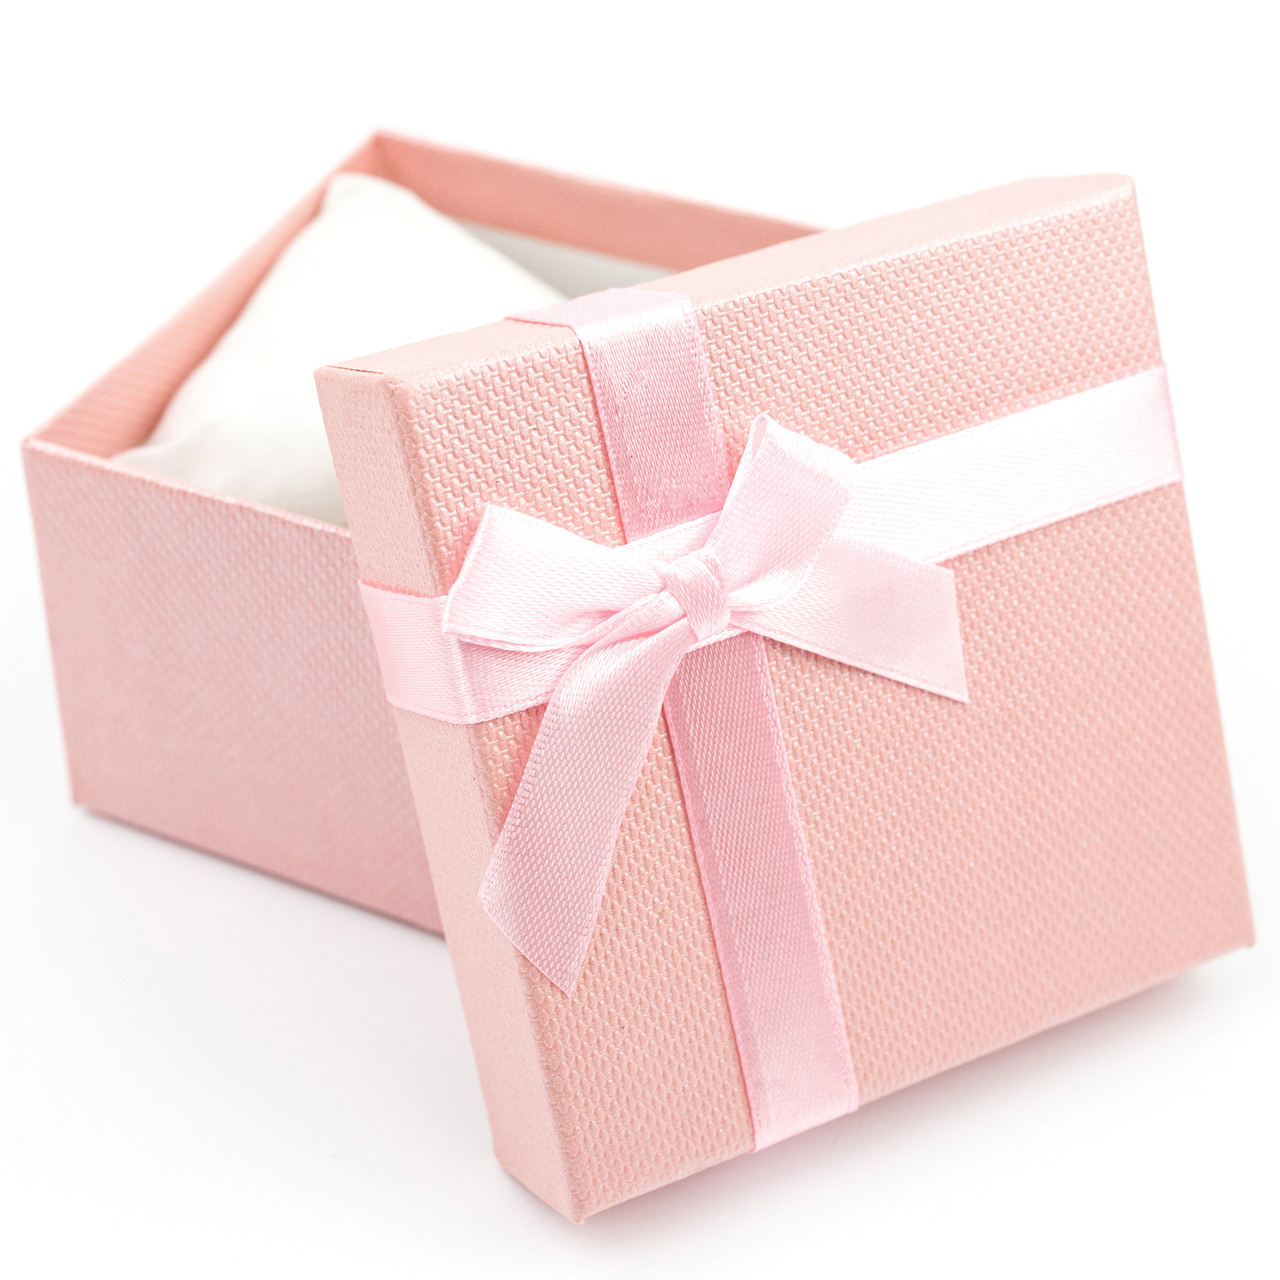 Подарочная коробка для часов или браслета розовая 9 x 9 x 6 см